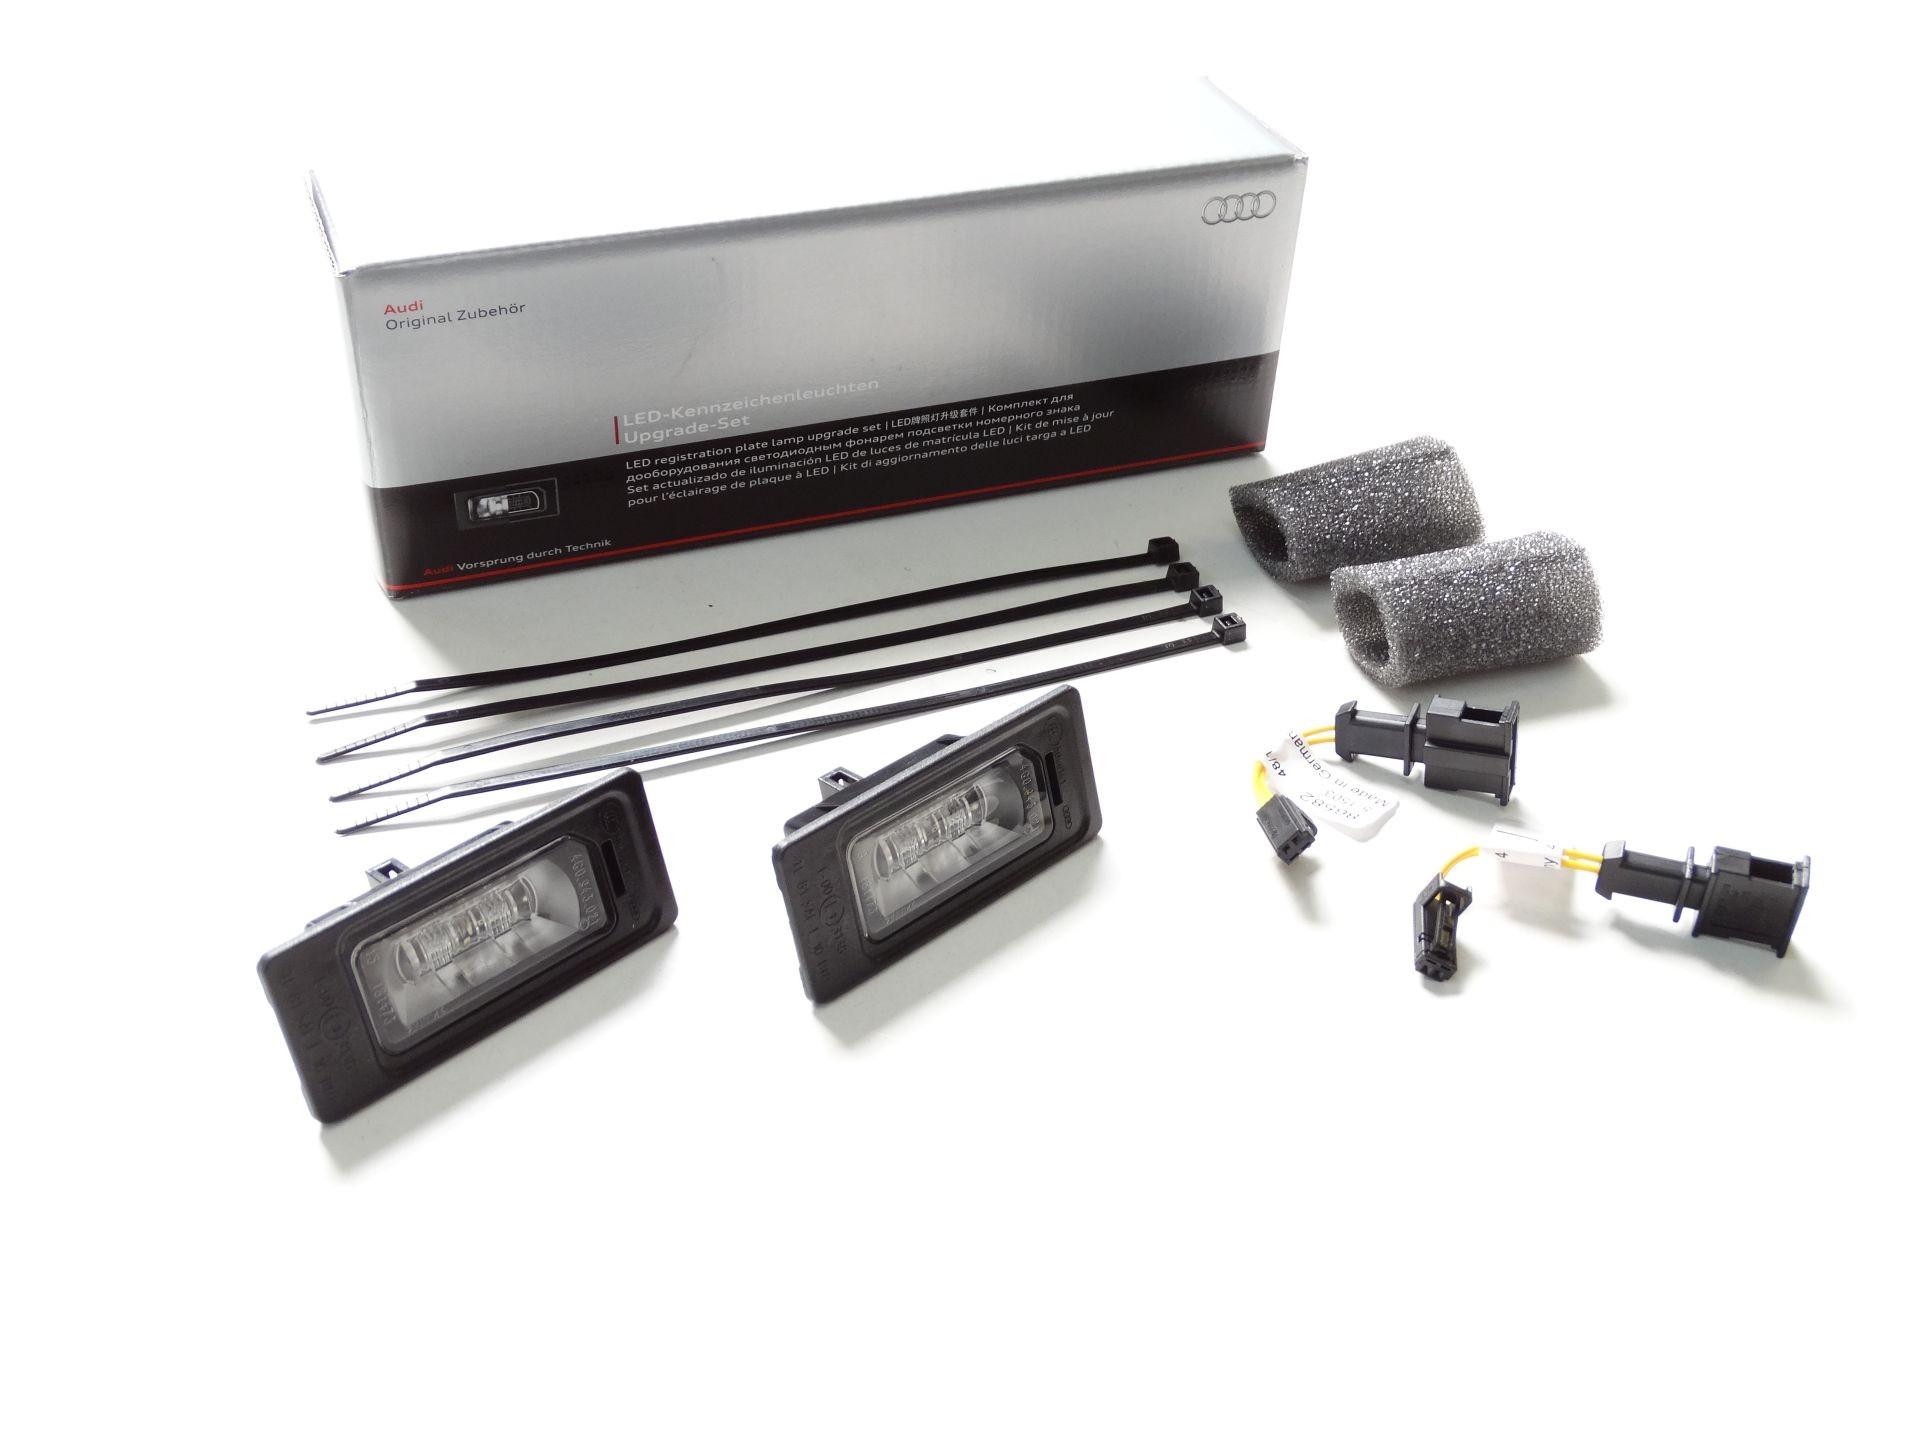 Audi 8K0052110 LED-Kennzeichenleuchten-Set